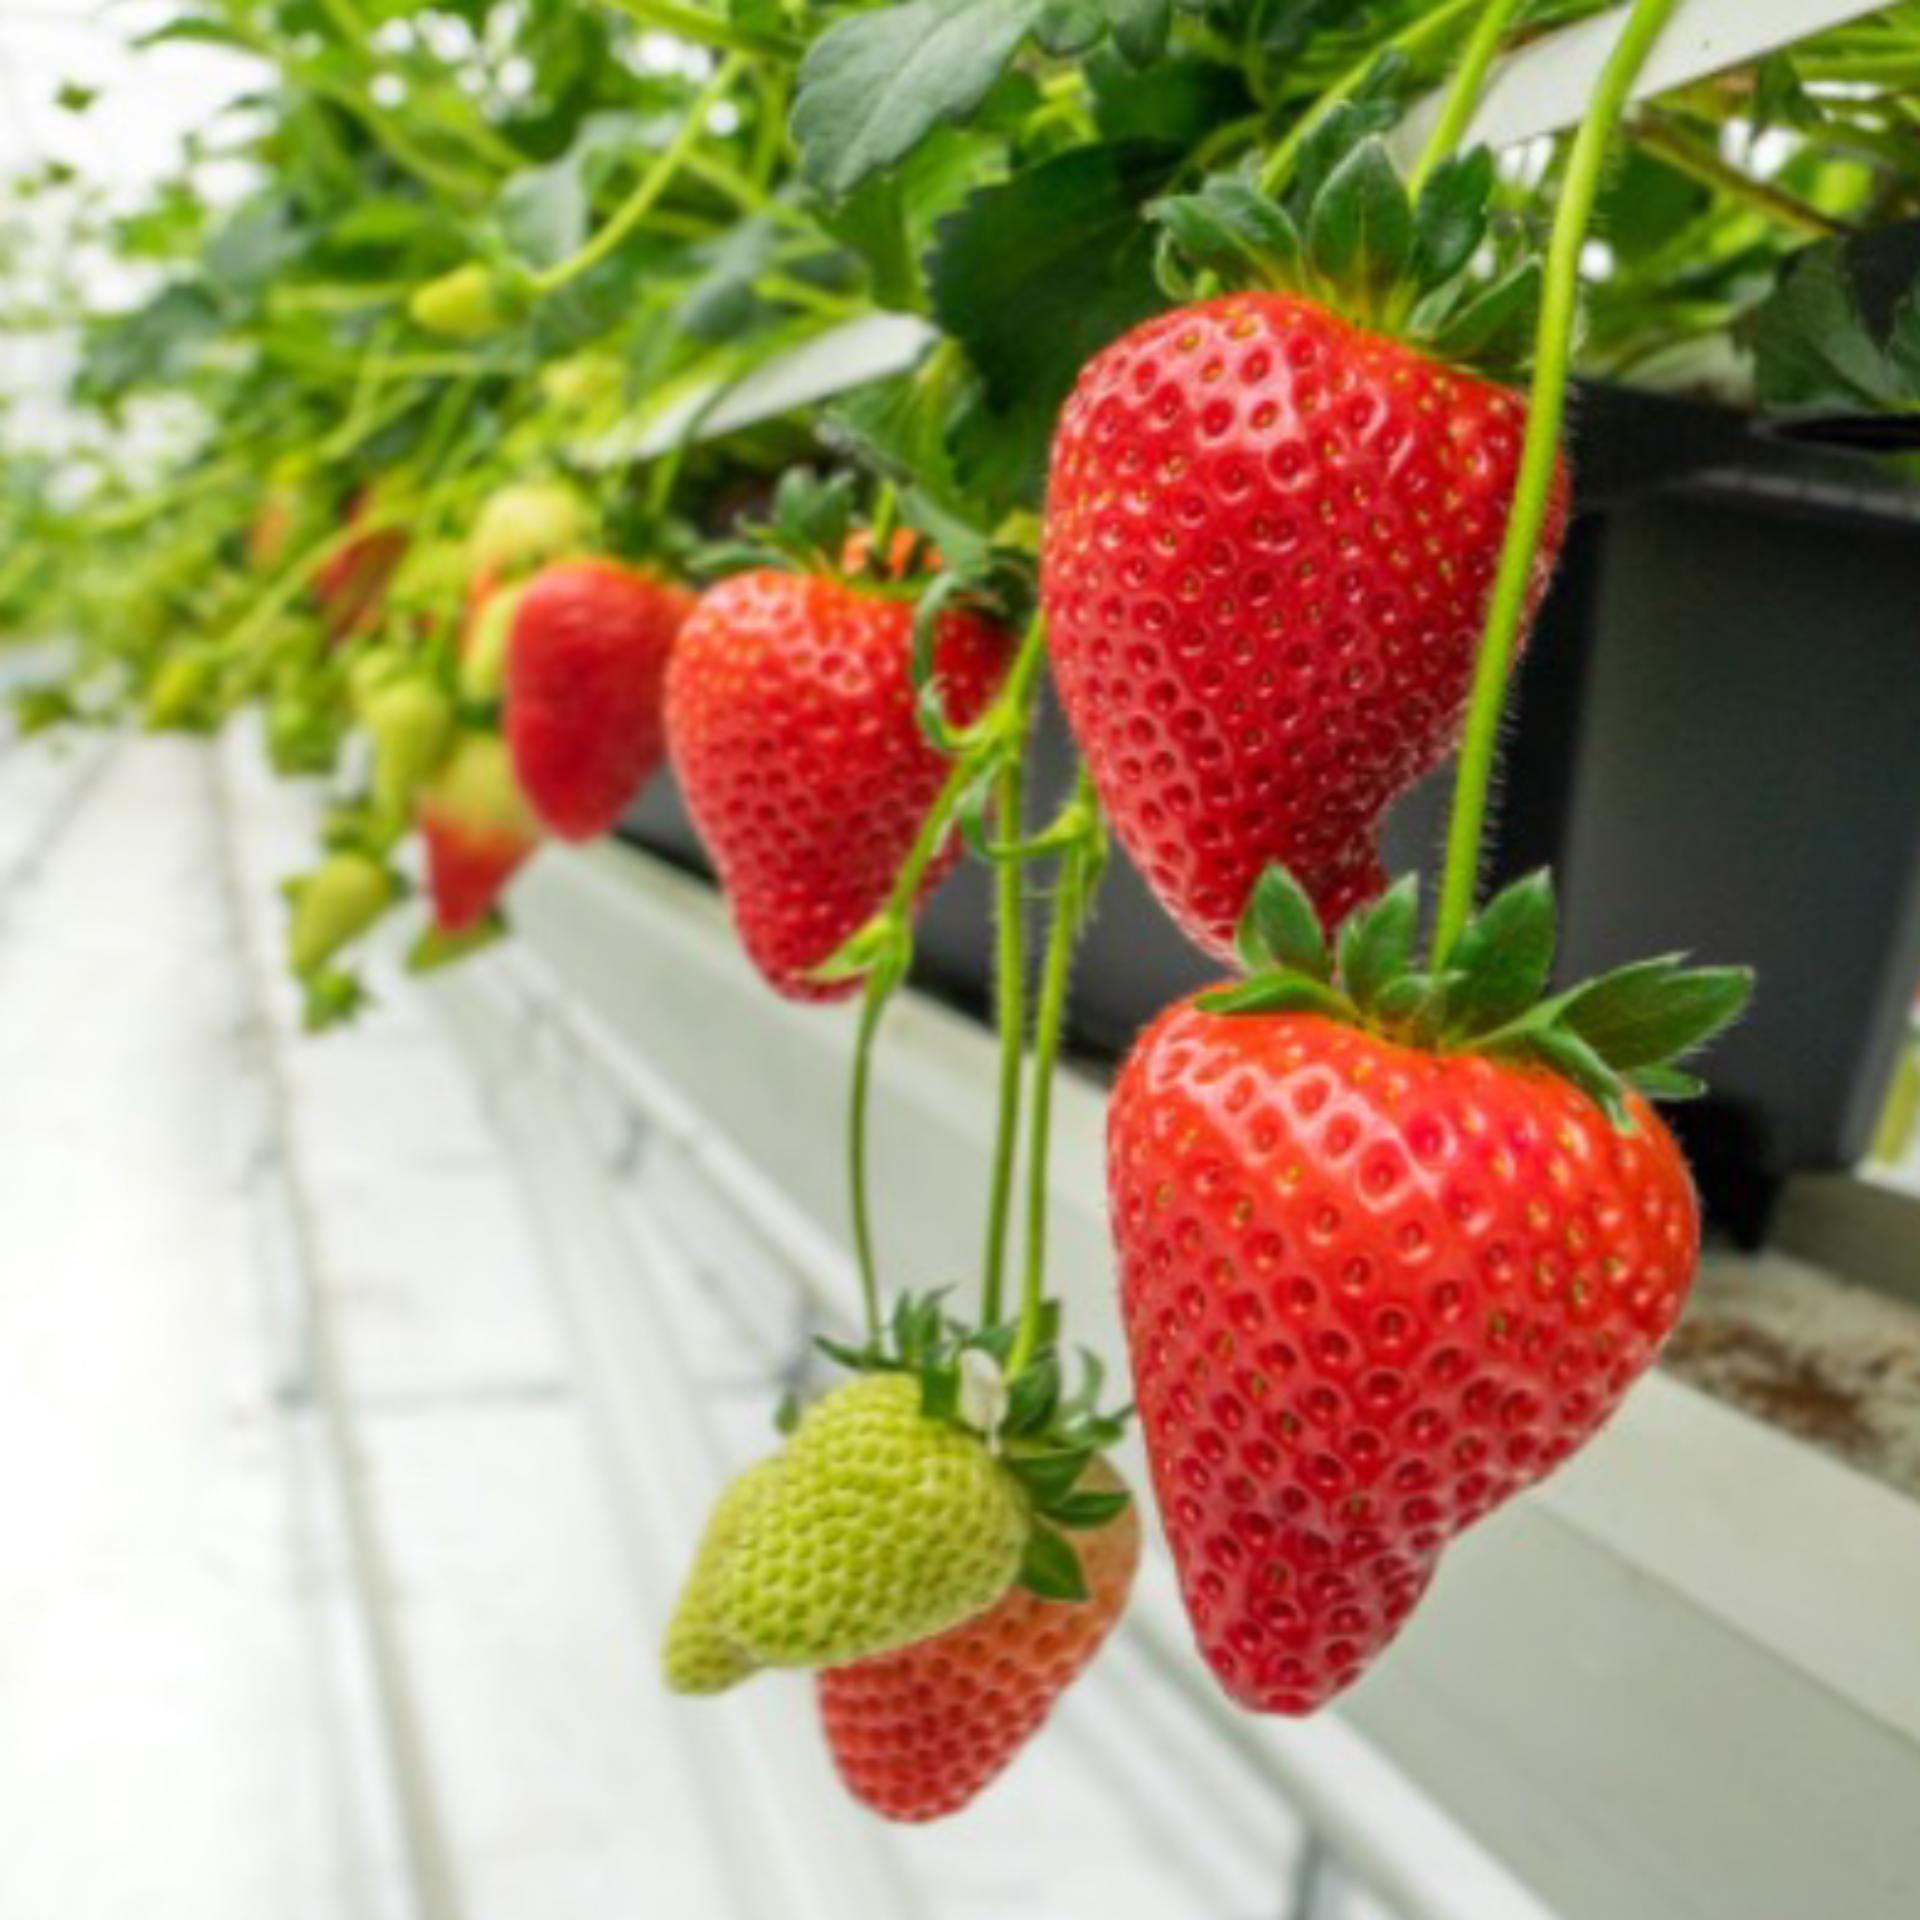 Pots of growing strawberries